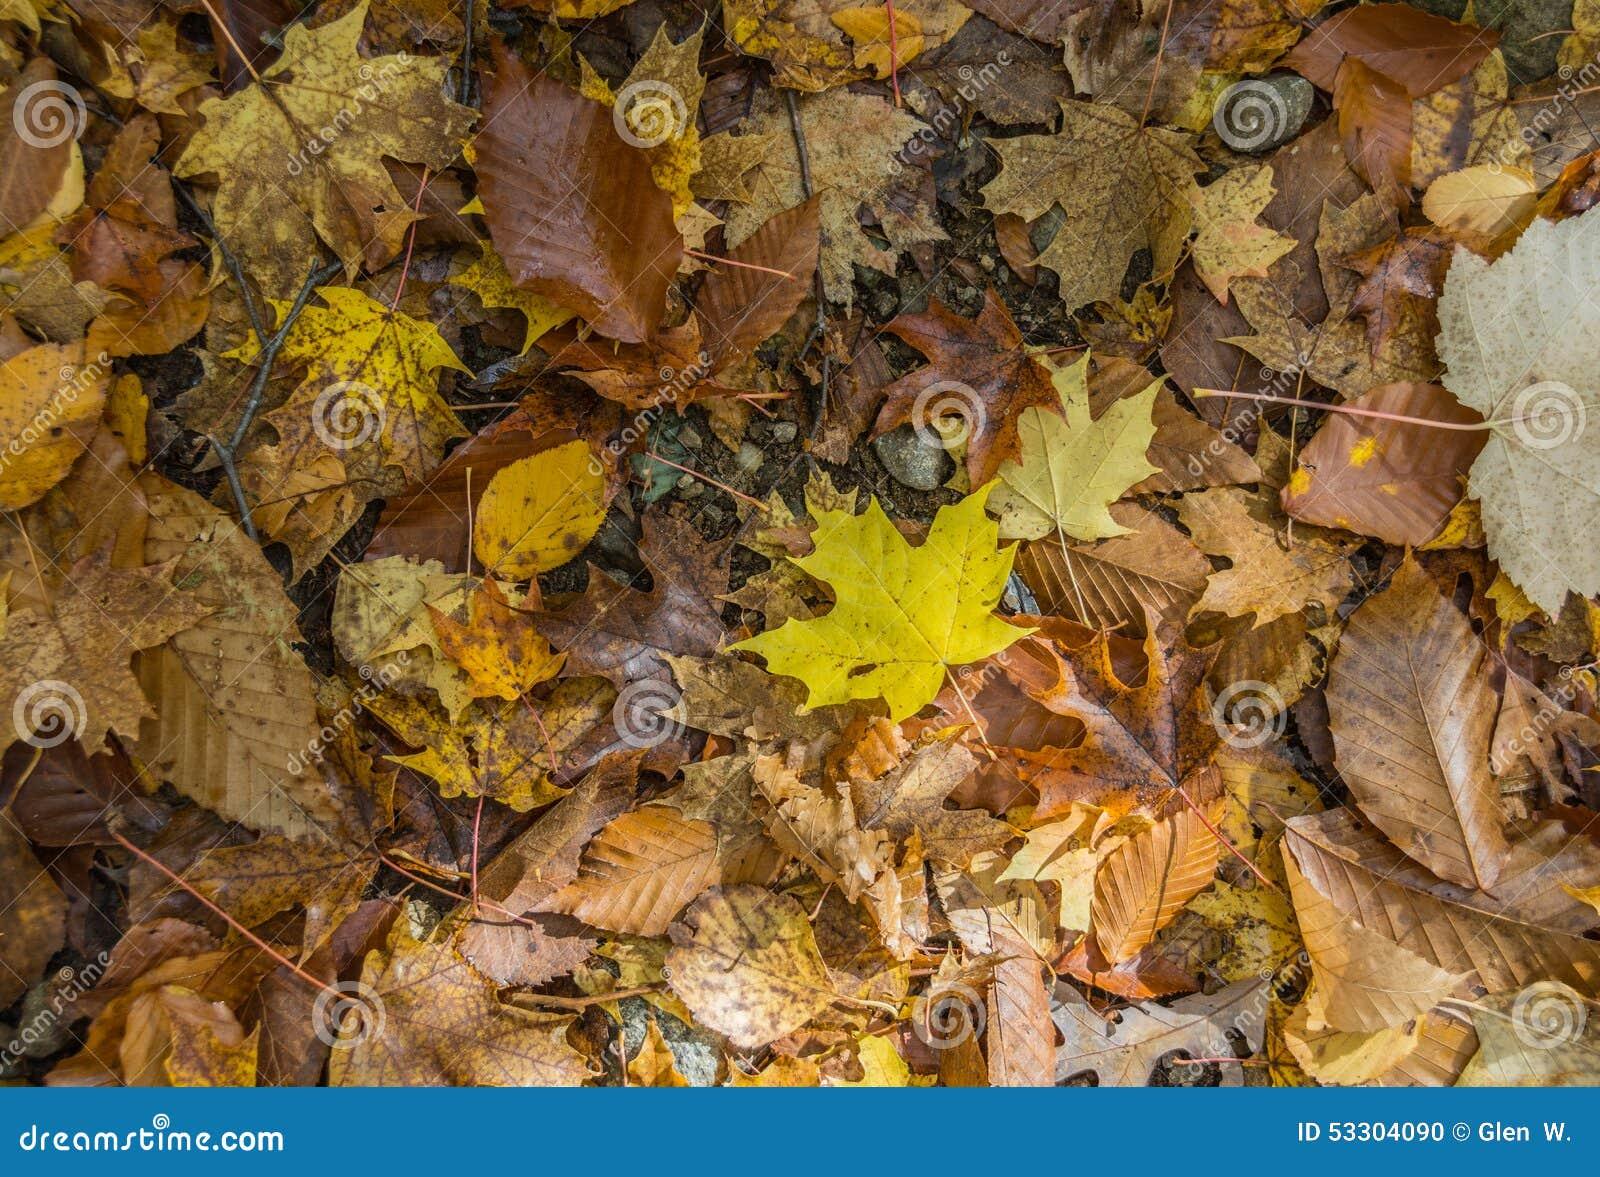 Forest Floor Collage Of Autumn-Blätter